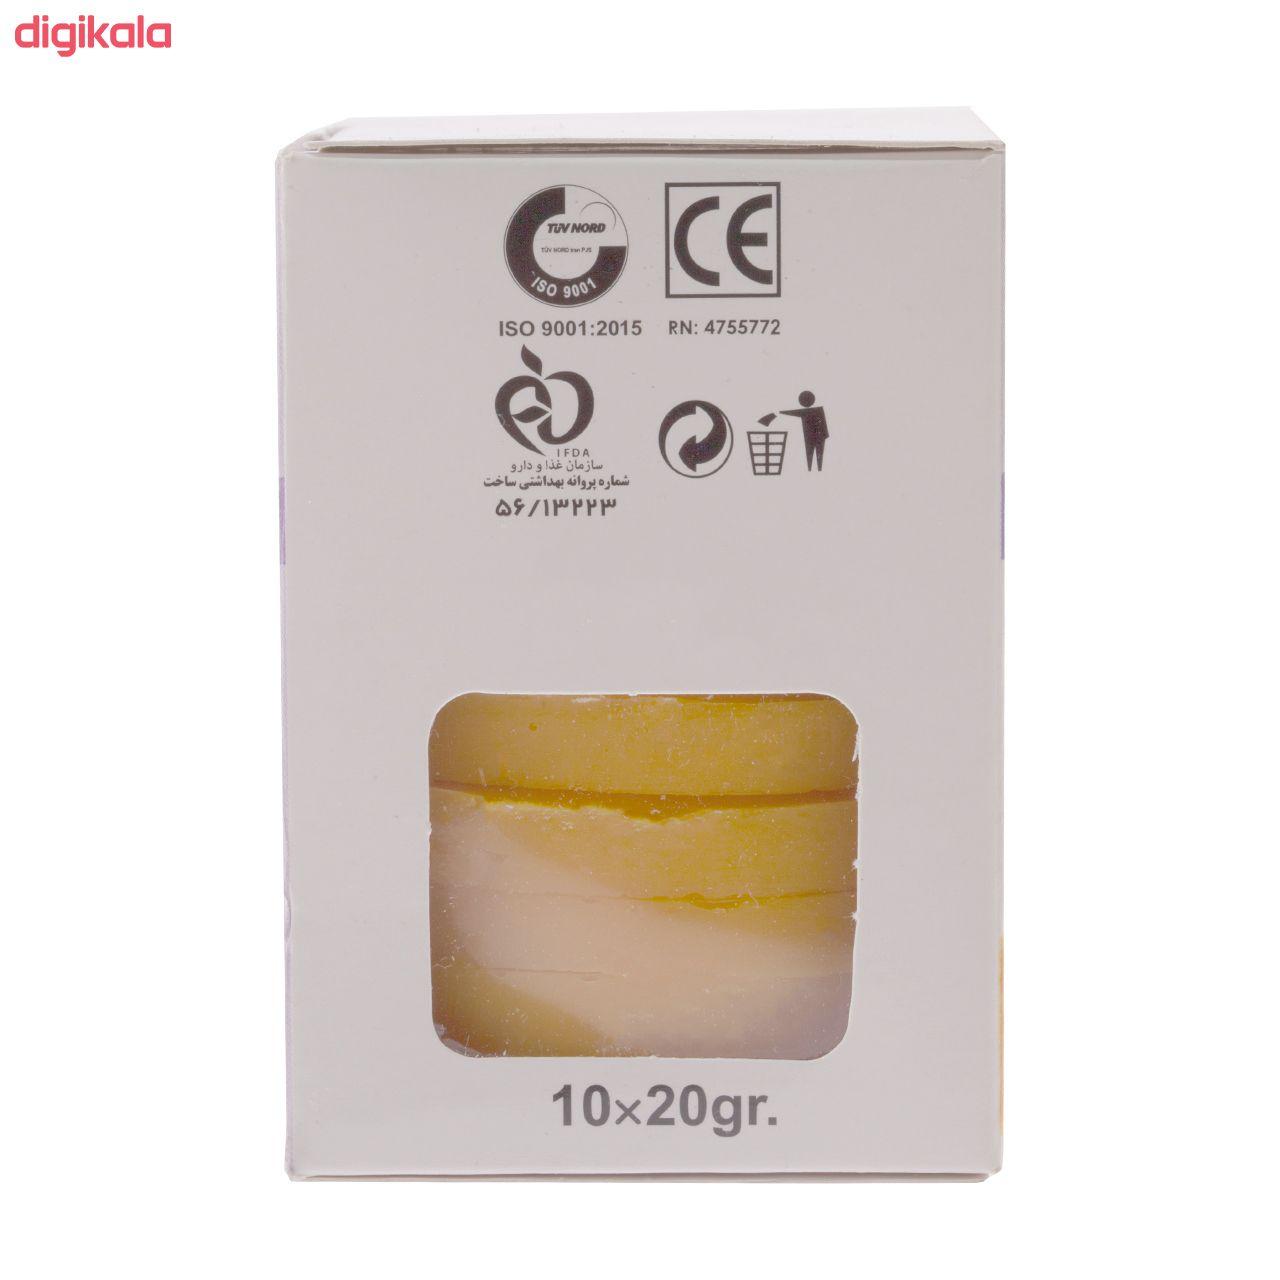 وکس موبر بیس بیوتی مدل Honey وزن 20 گرم بسته 10 عددی main 1 1